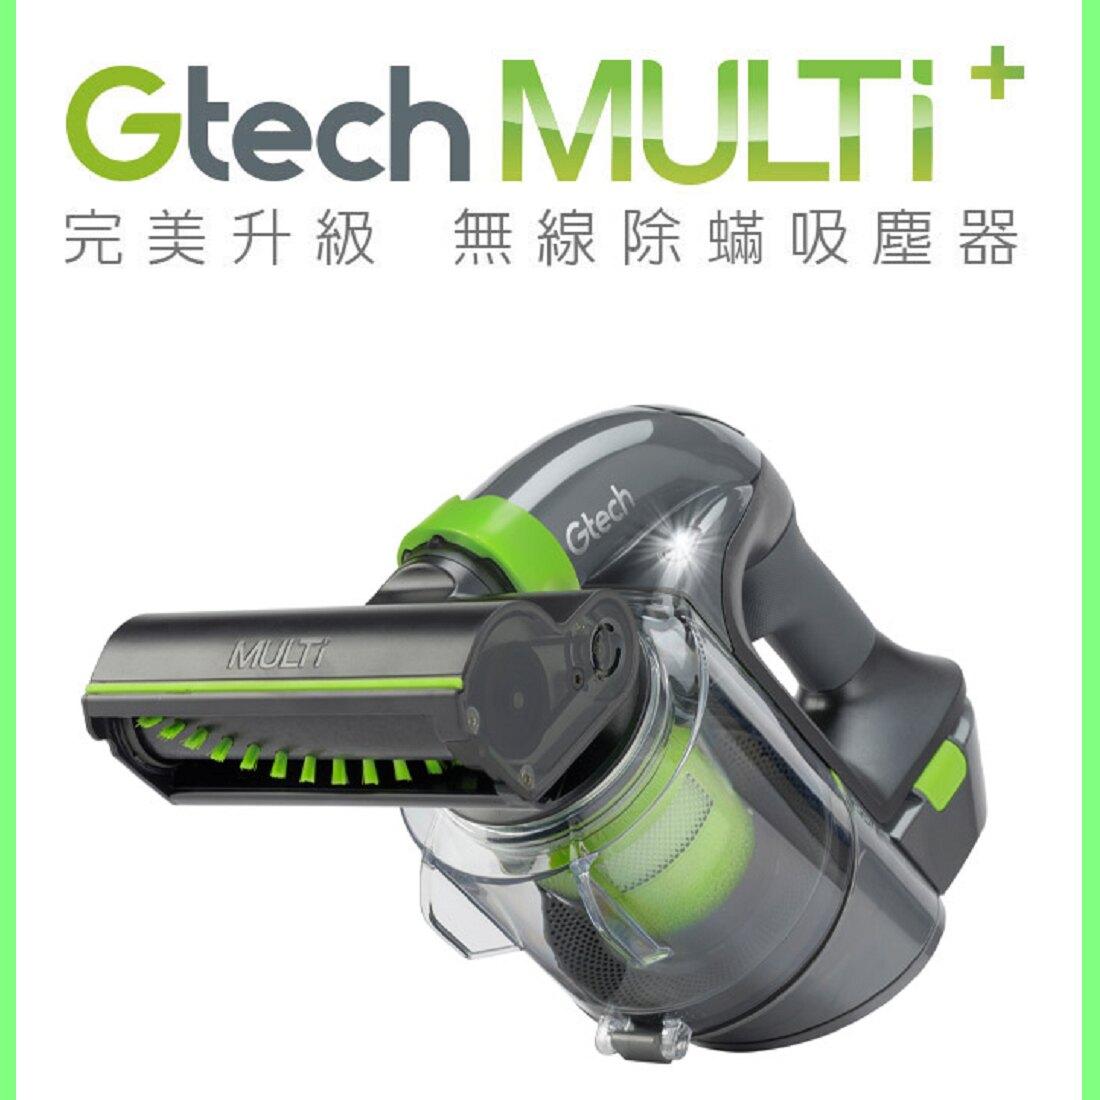 【下單即加贈一組濾心】英國 小綠 Gtech Multi Plus 無線除蟎 吸塵器 ATF012-MK2 小綠無線吸塵器 台灣公司貨